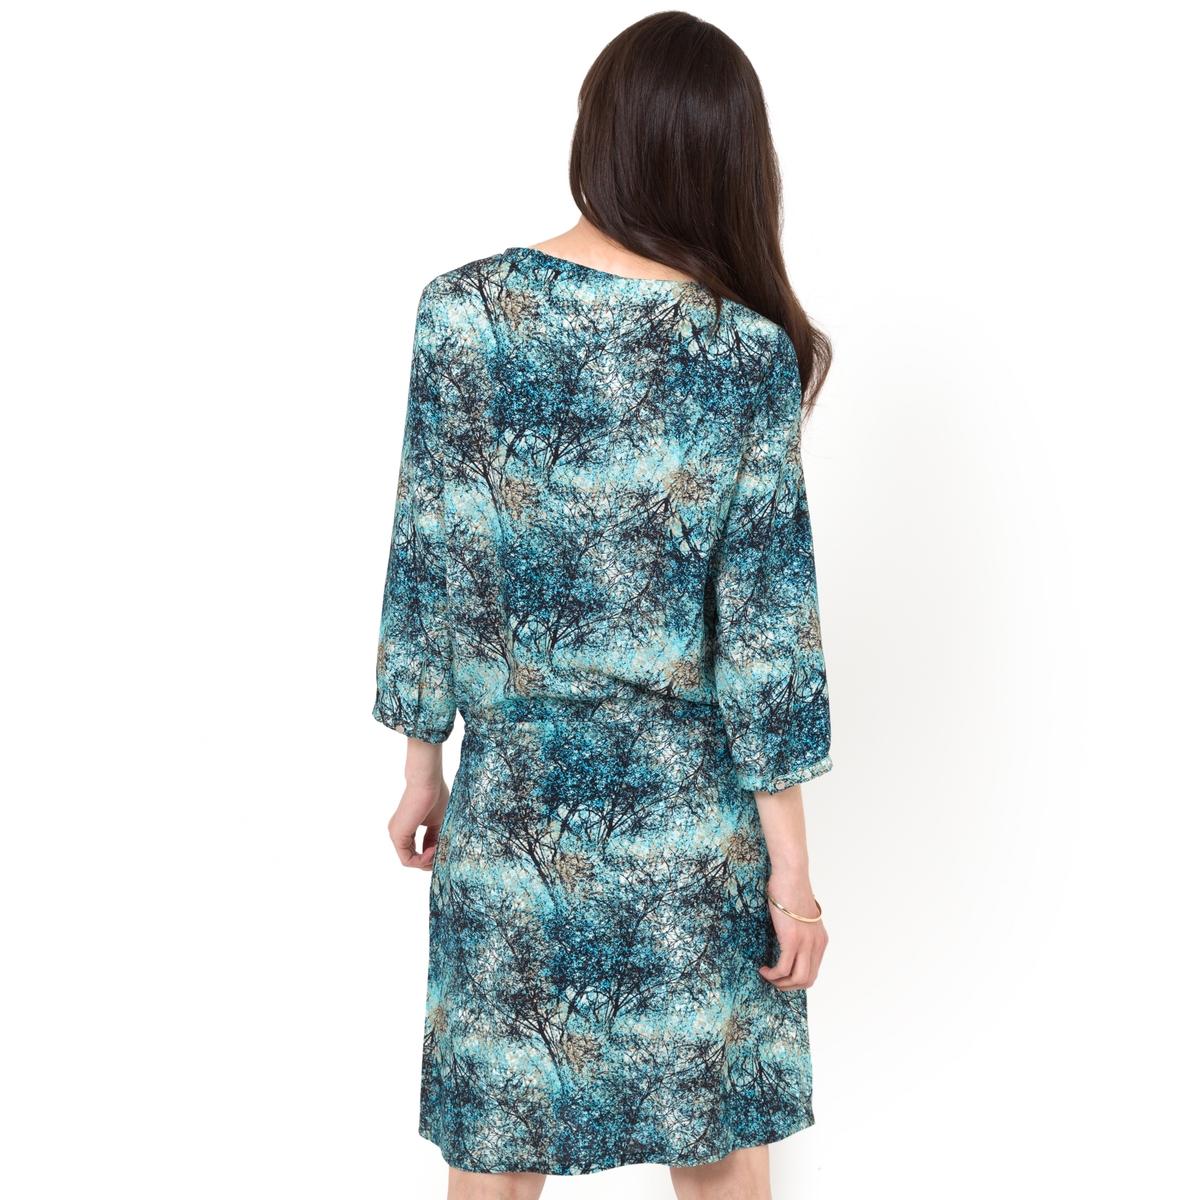 Платье с рукавами 3/4Платье из 100% вискозы. Рукава 3/4. Пояс на кулиске, с кисточками. Вырез-капелька с застежкой на плоскую пуговицу. Длина 92 см.<br><br>Цвет: набивной рисунок<br>Размер: 34 (FR) - 40 (RUS)